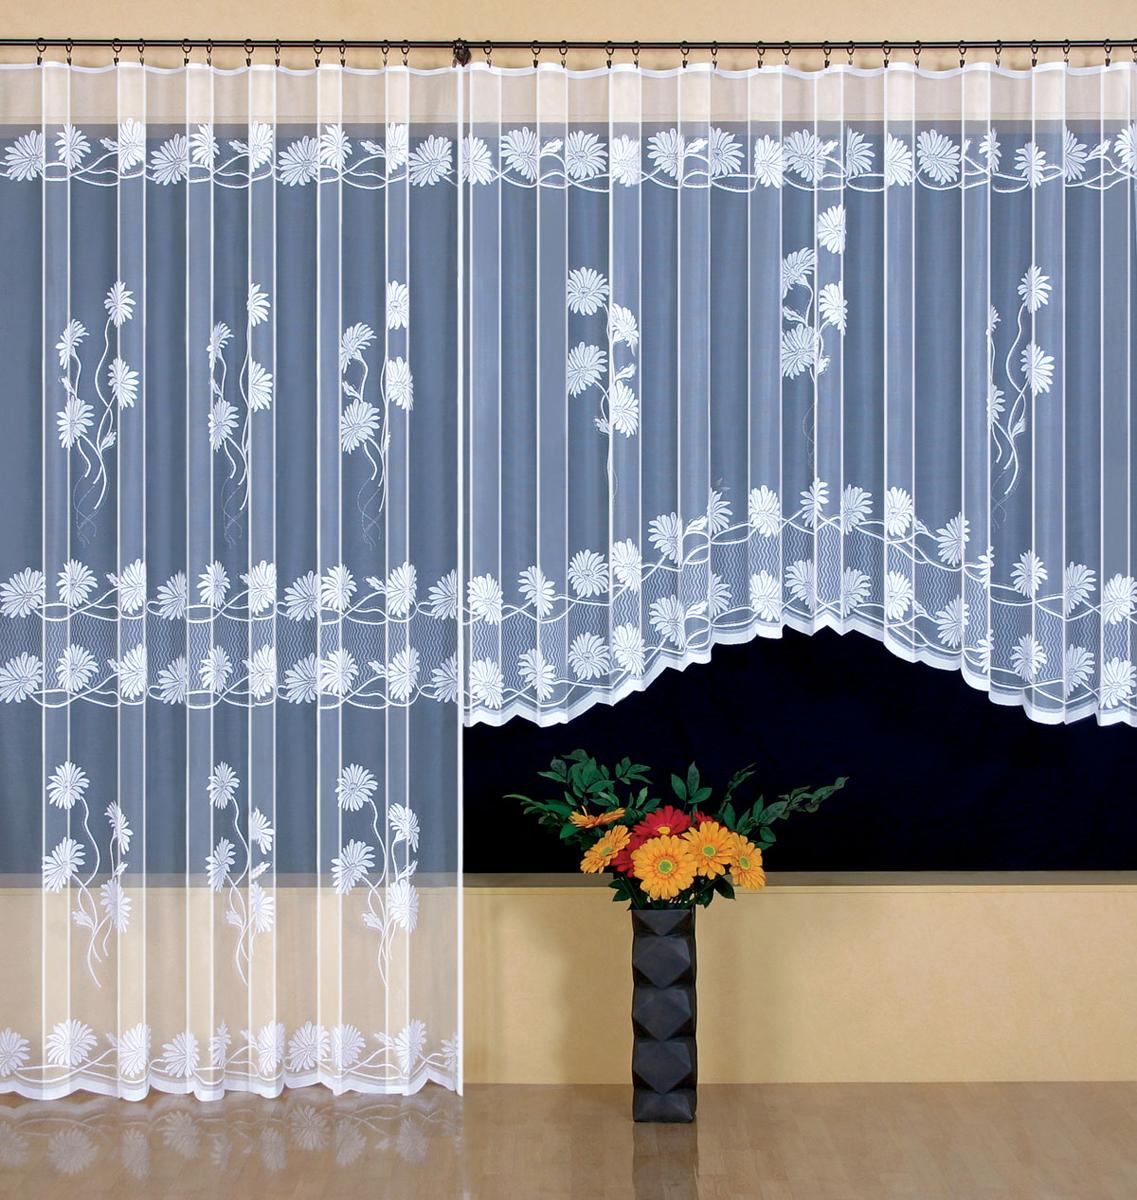 Гардина Wisan, цвет: белый, ширина 300 см, высота 160 см. 94189410Гардина жаккардовая, крепление зажимы для штор, можно взять в комплекте с арт. 9410Размеры: высота160х ширина300